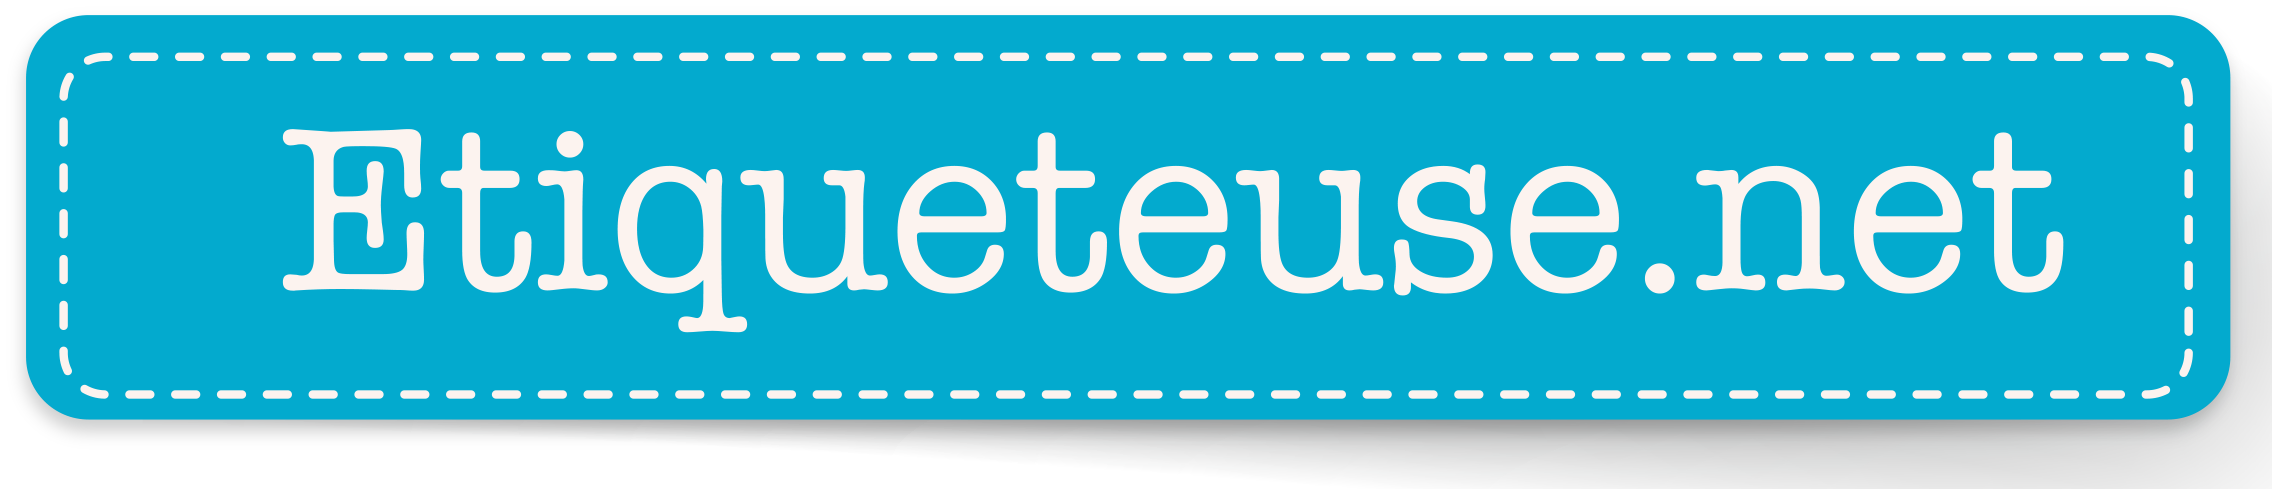 Etiqueteuse.net - Avis test et comparatif meilleures etiqueteuses